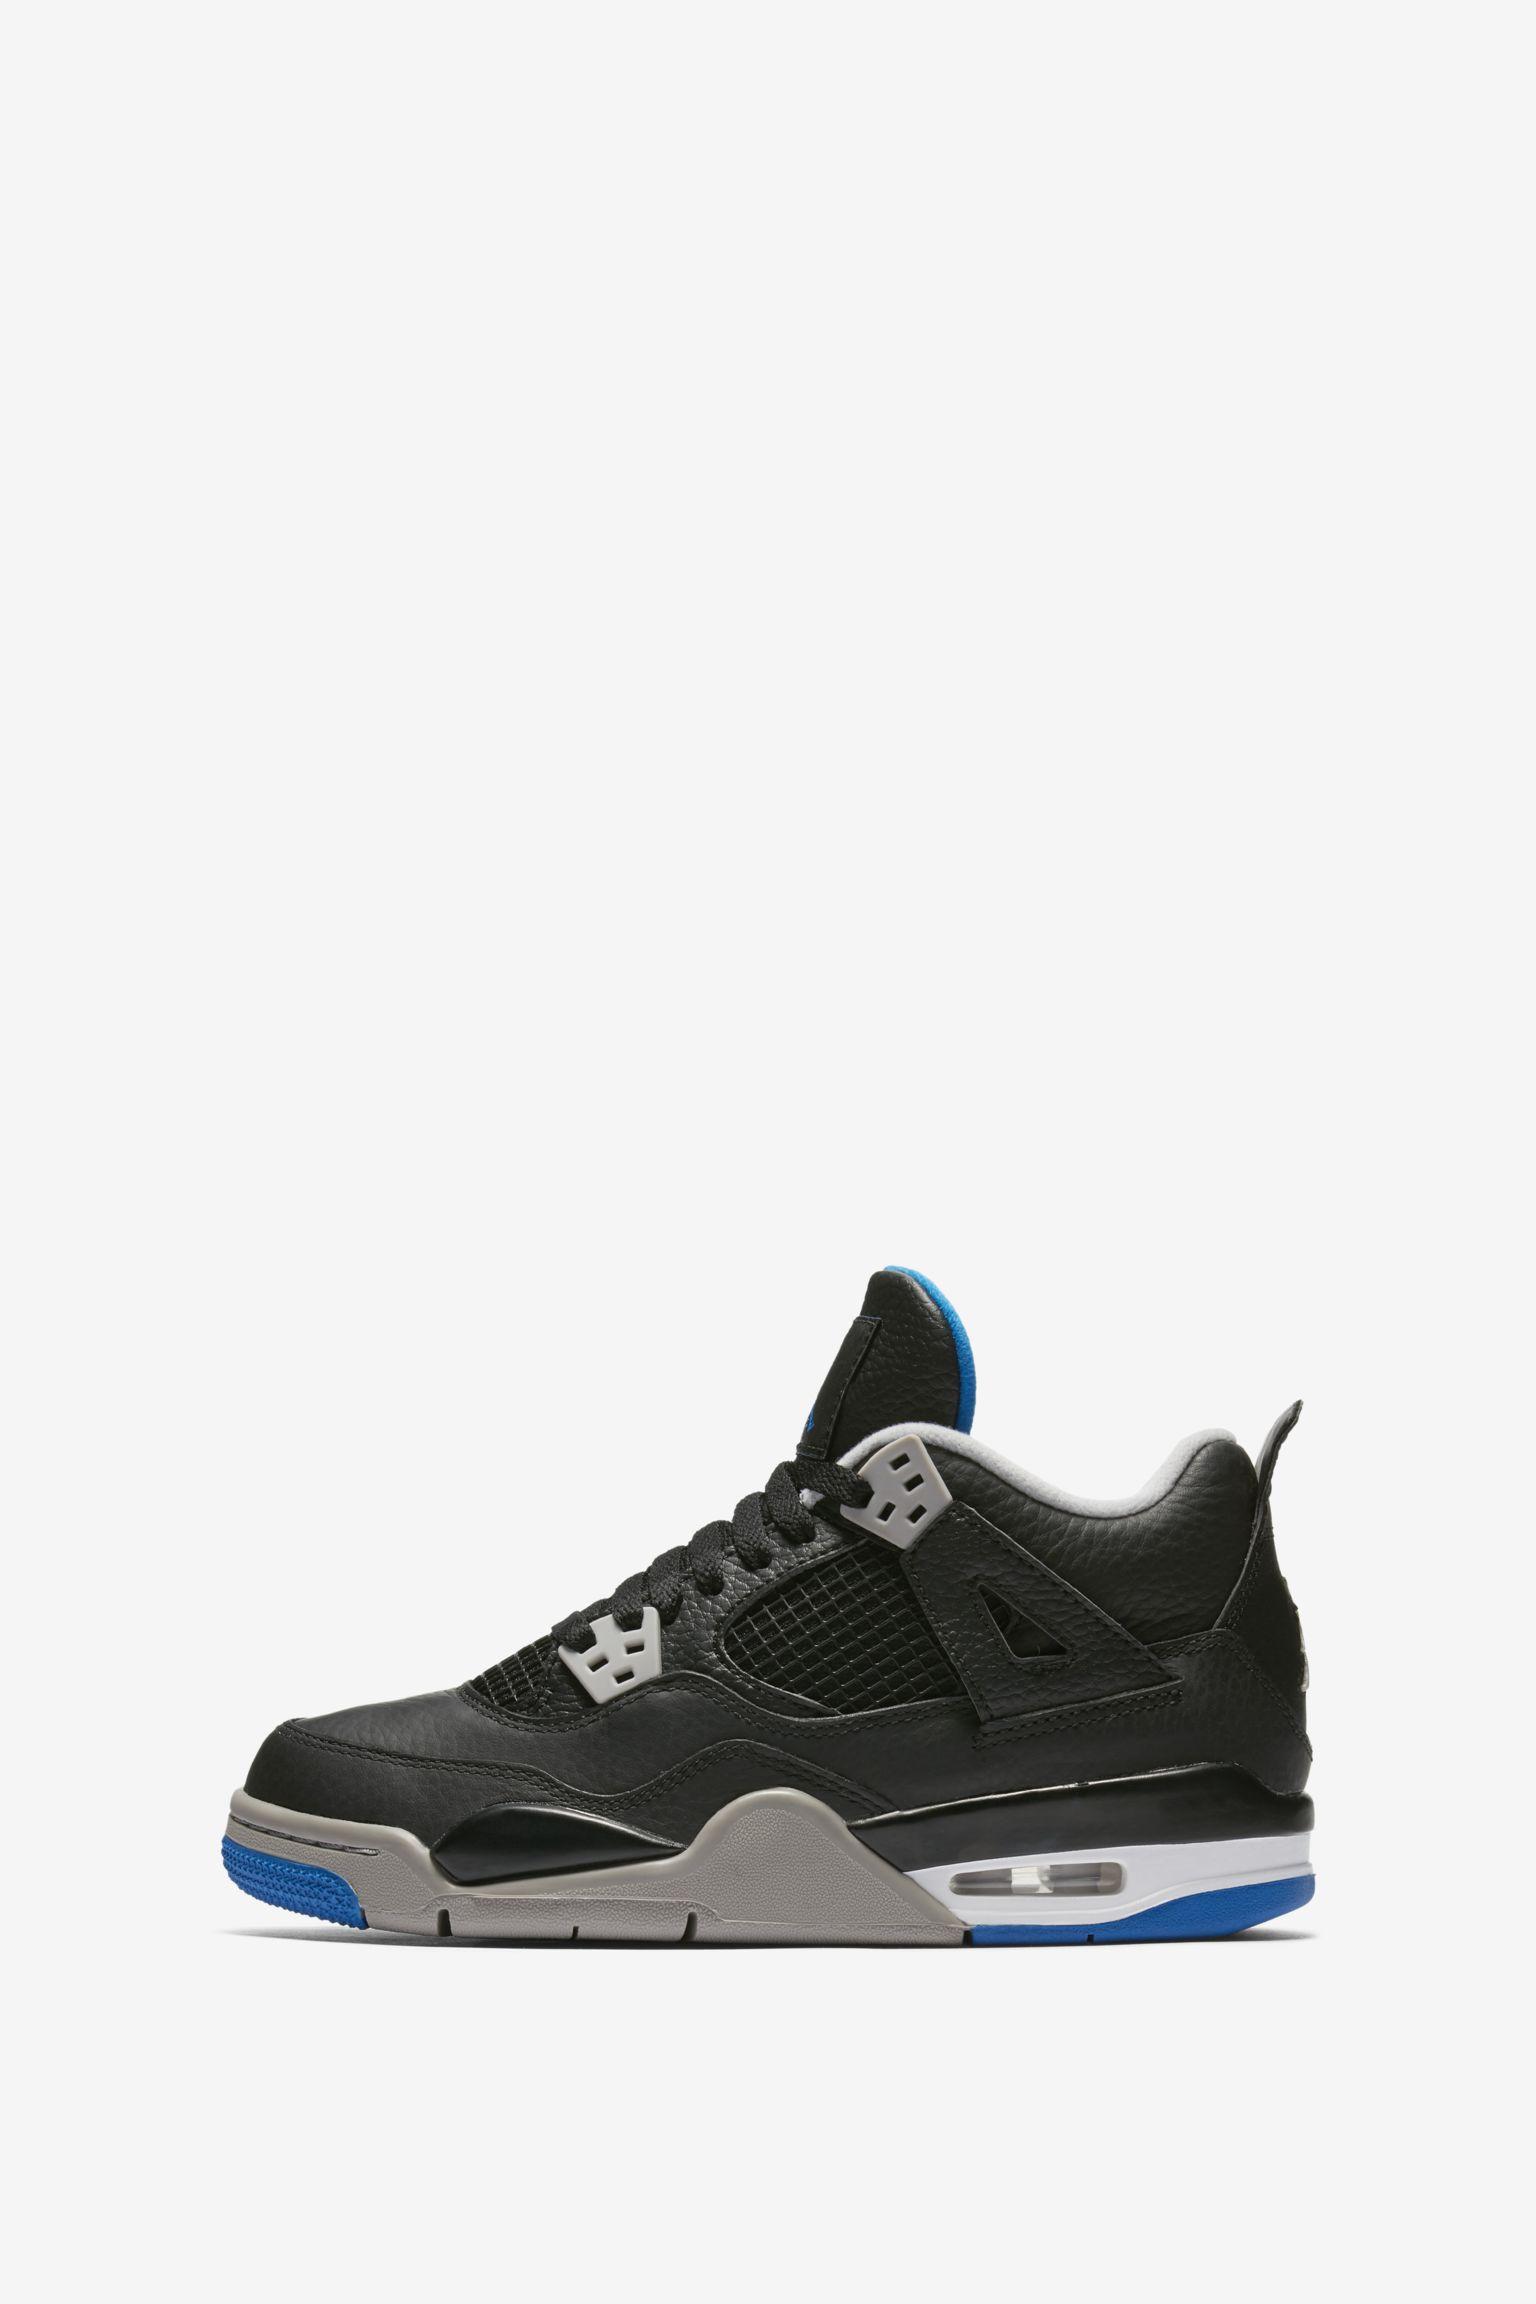 Air Jordan 4 Retro  Motorsport Away  Release Date. Nike+ SNKRS c852802d2